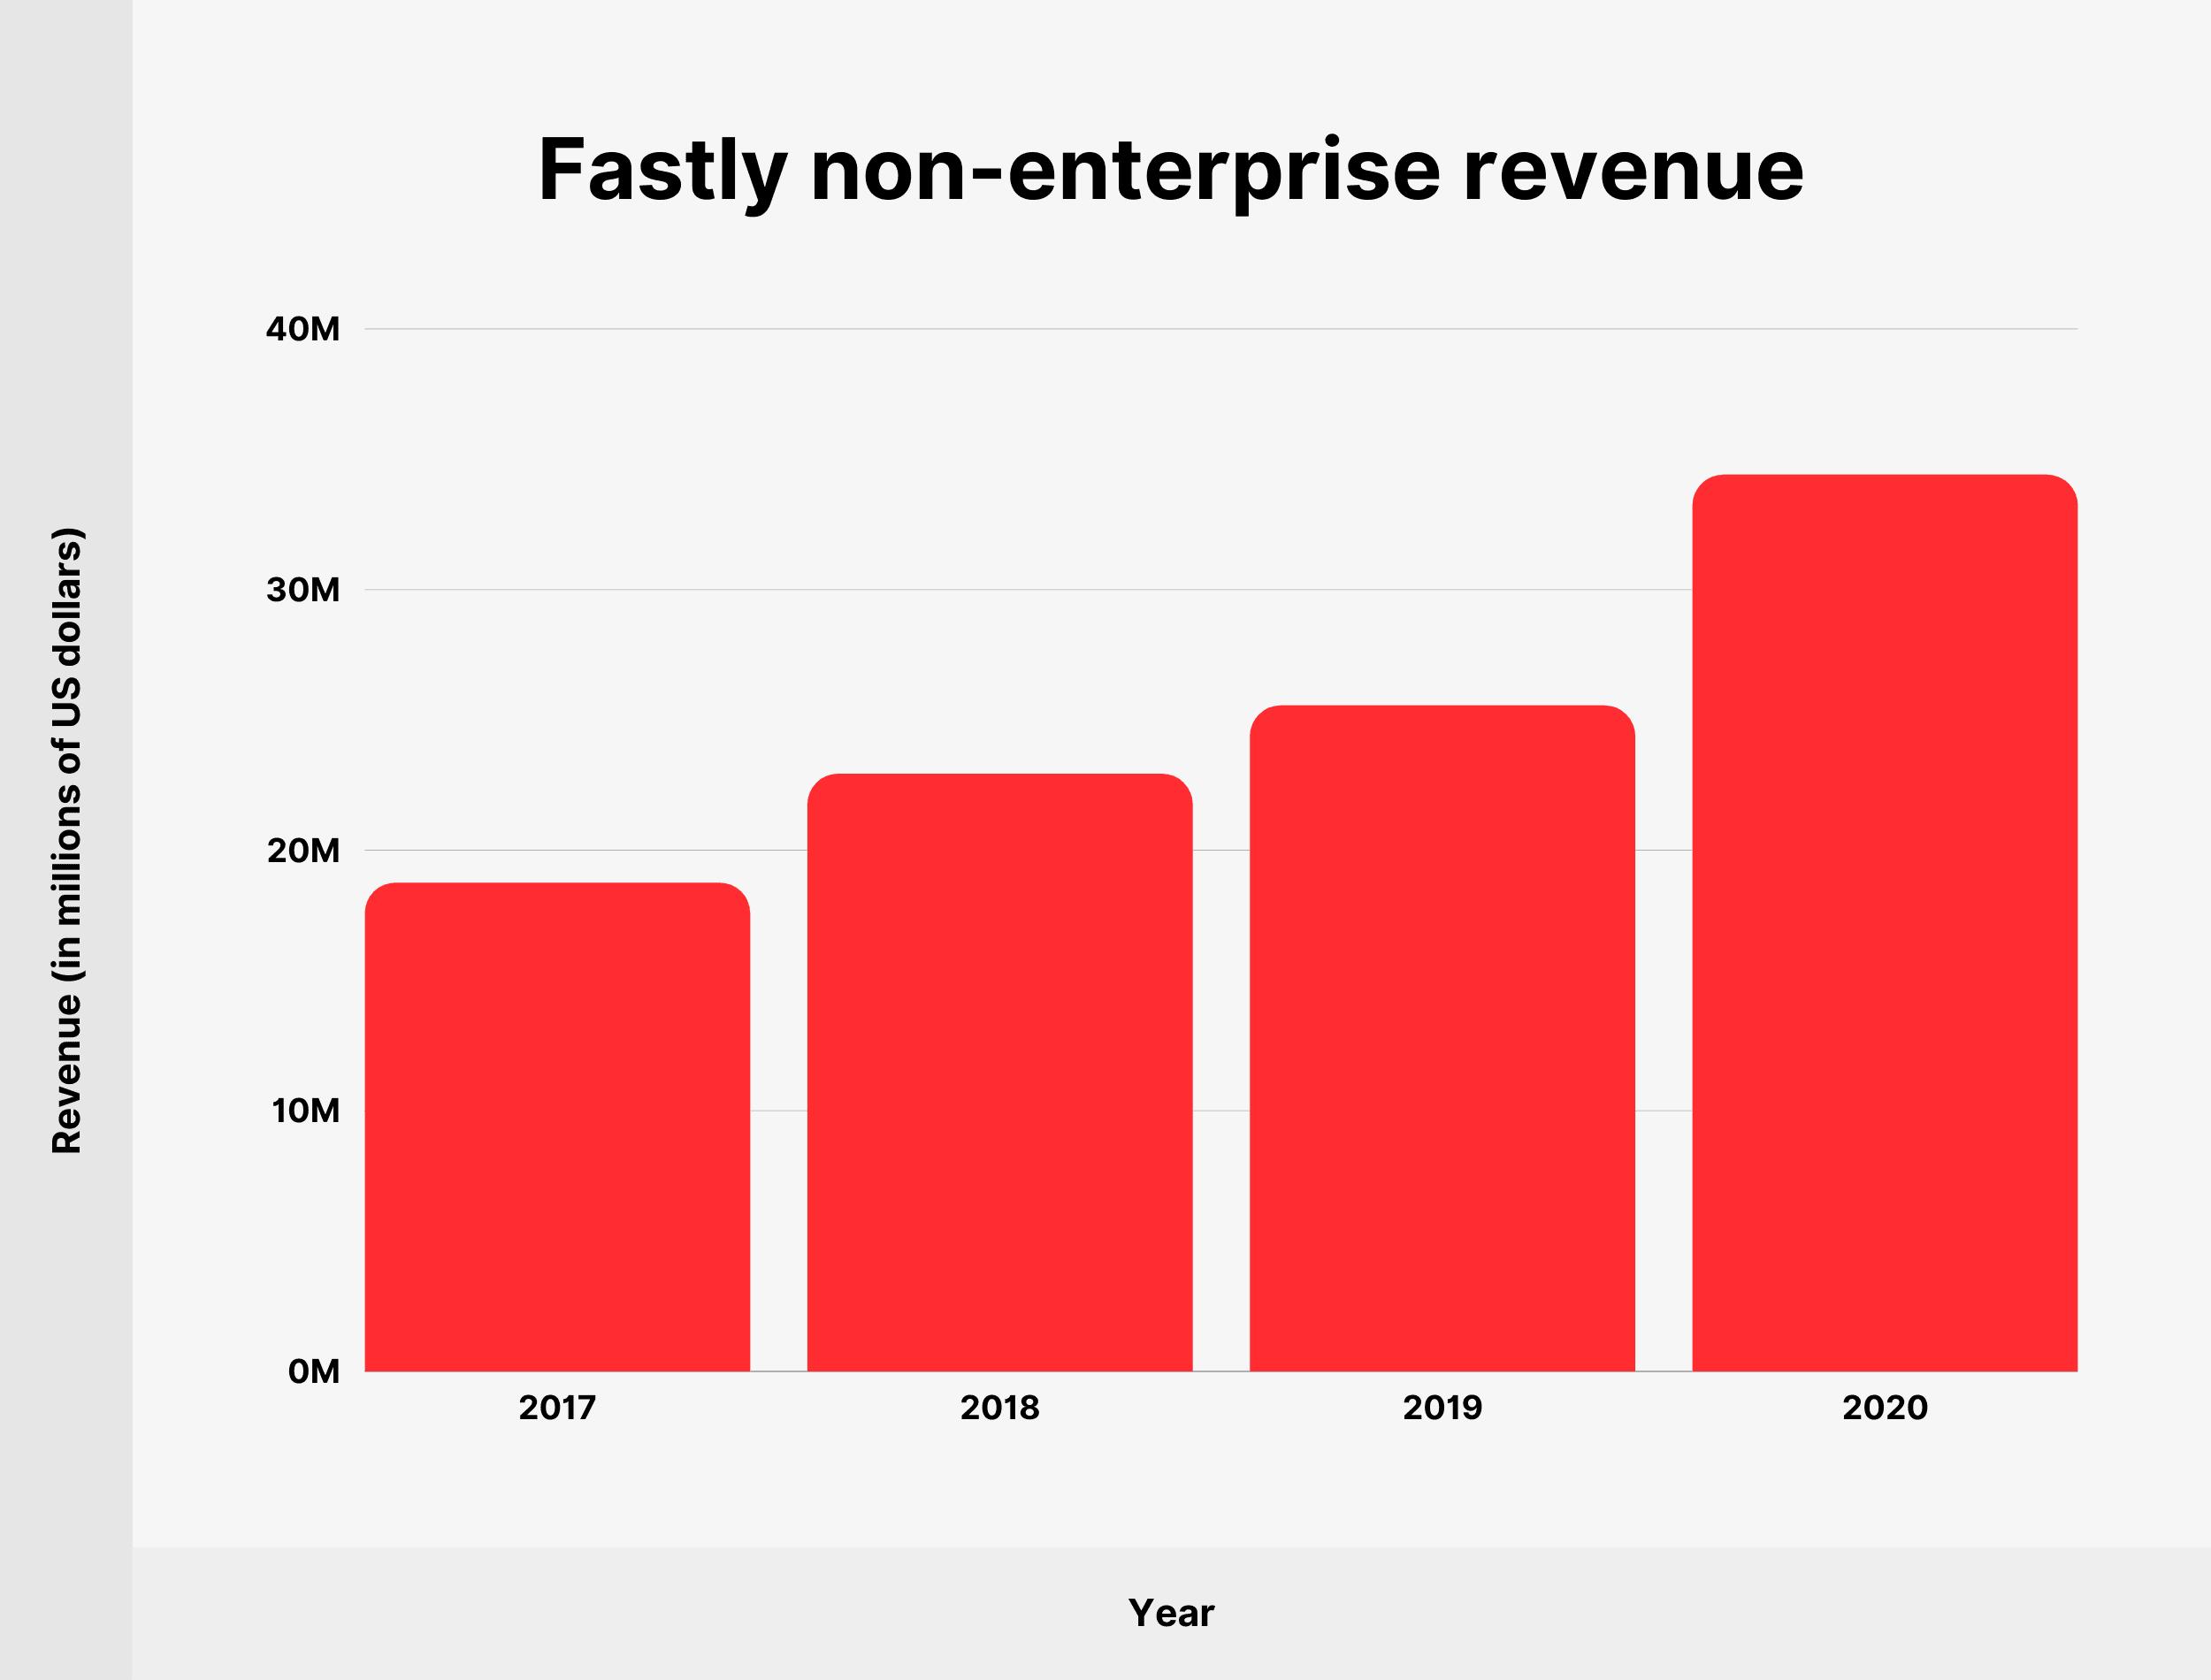 Fastly non-enterprise revenue